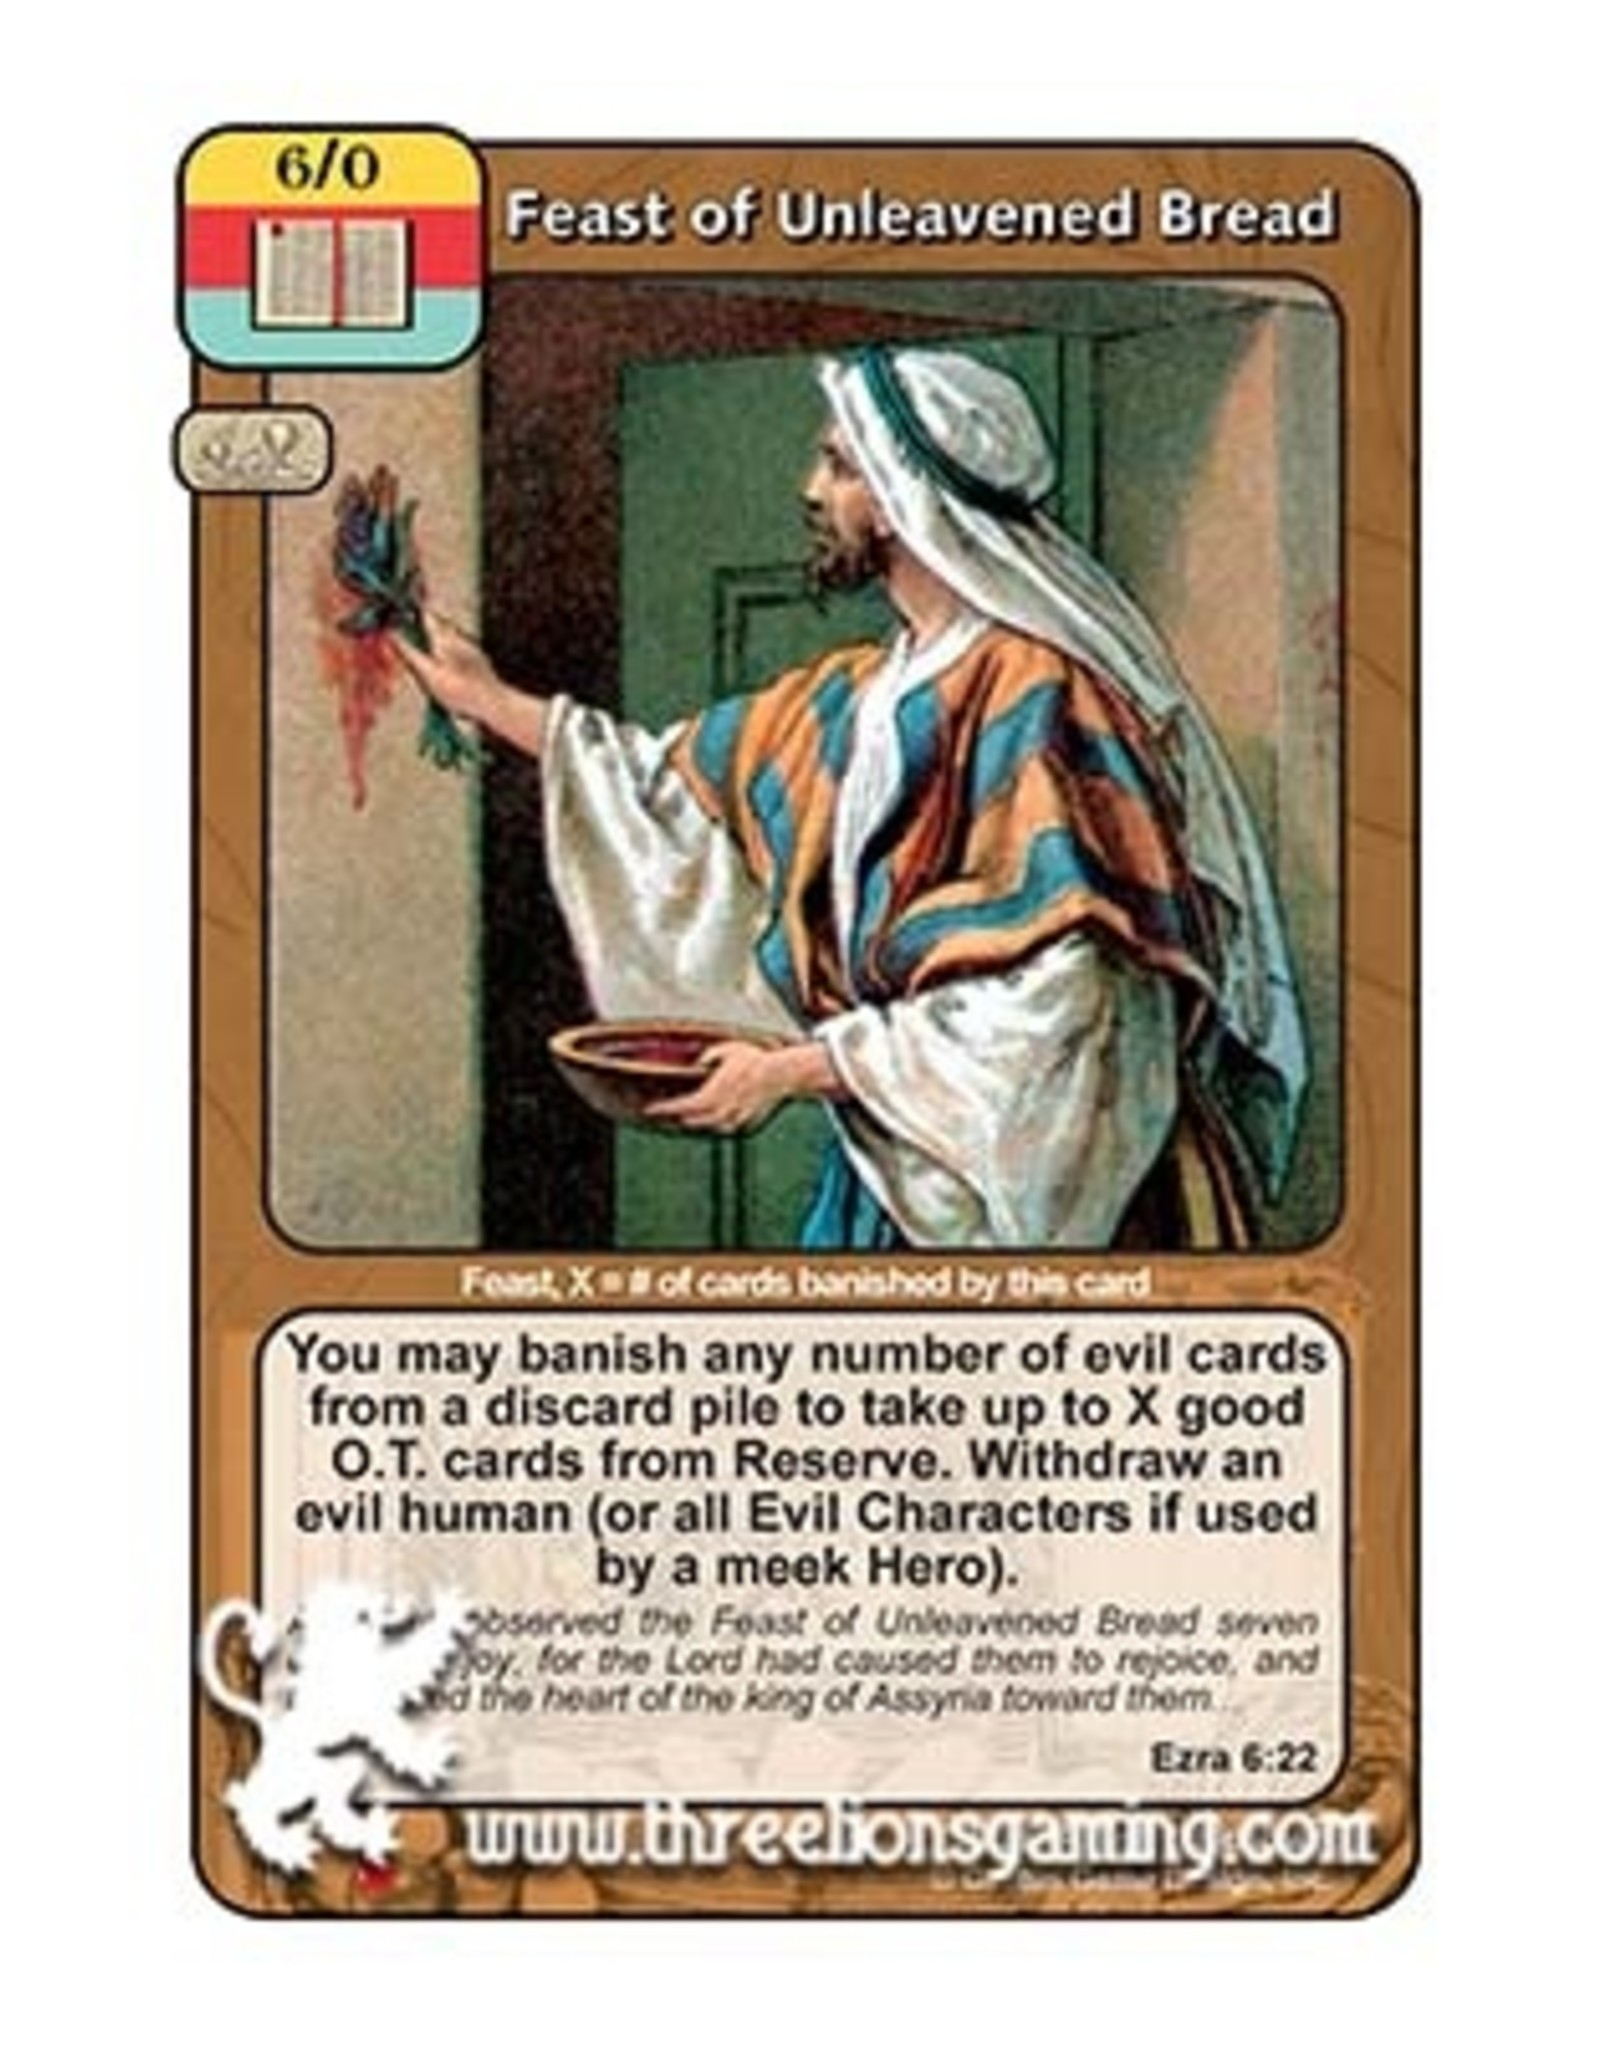 LoC: Feast of Unleavened Bread